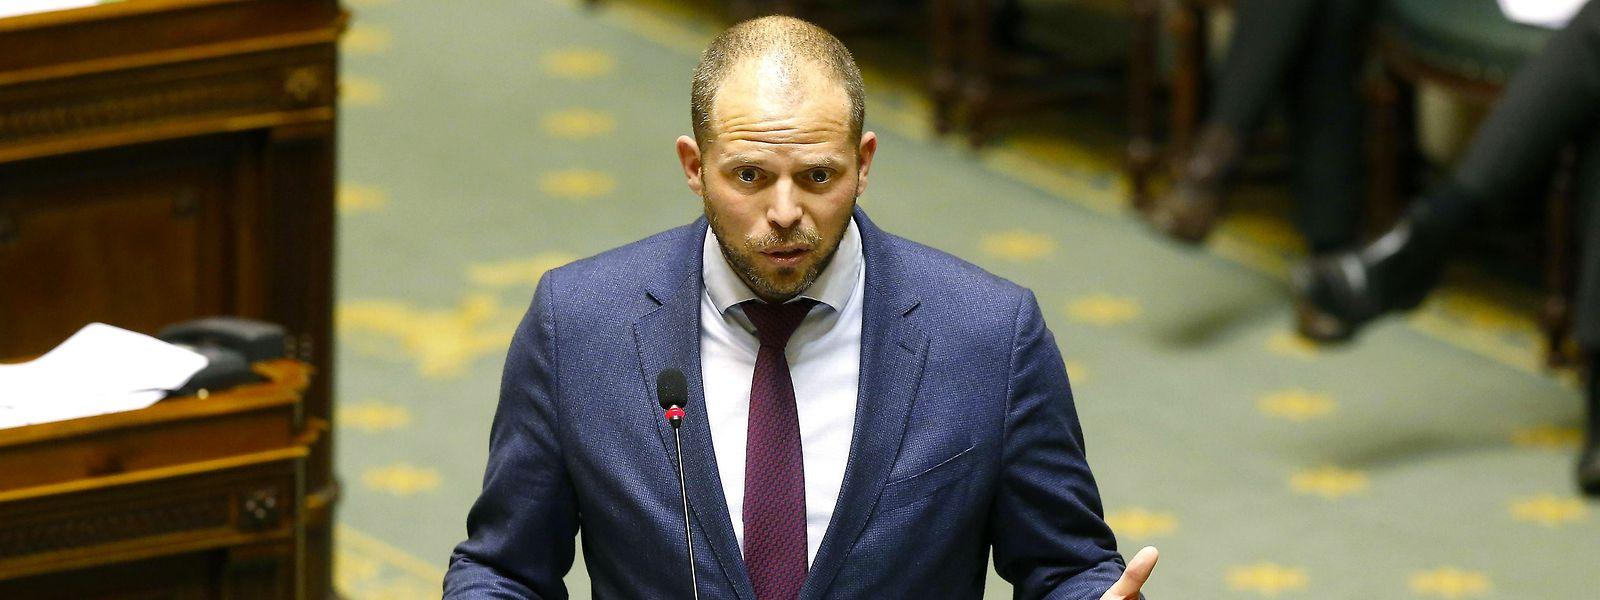 La chute de l'ex-secrétaire d'Etat à l'Asile et à la Migration Theo Francken serait à attribuer aux liens qu'il a entretenus par le passé avec un certain Melikan Kucam.